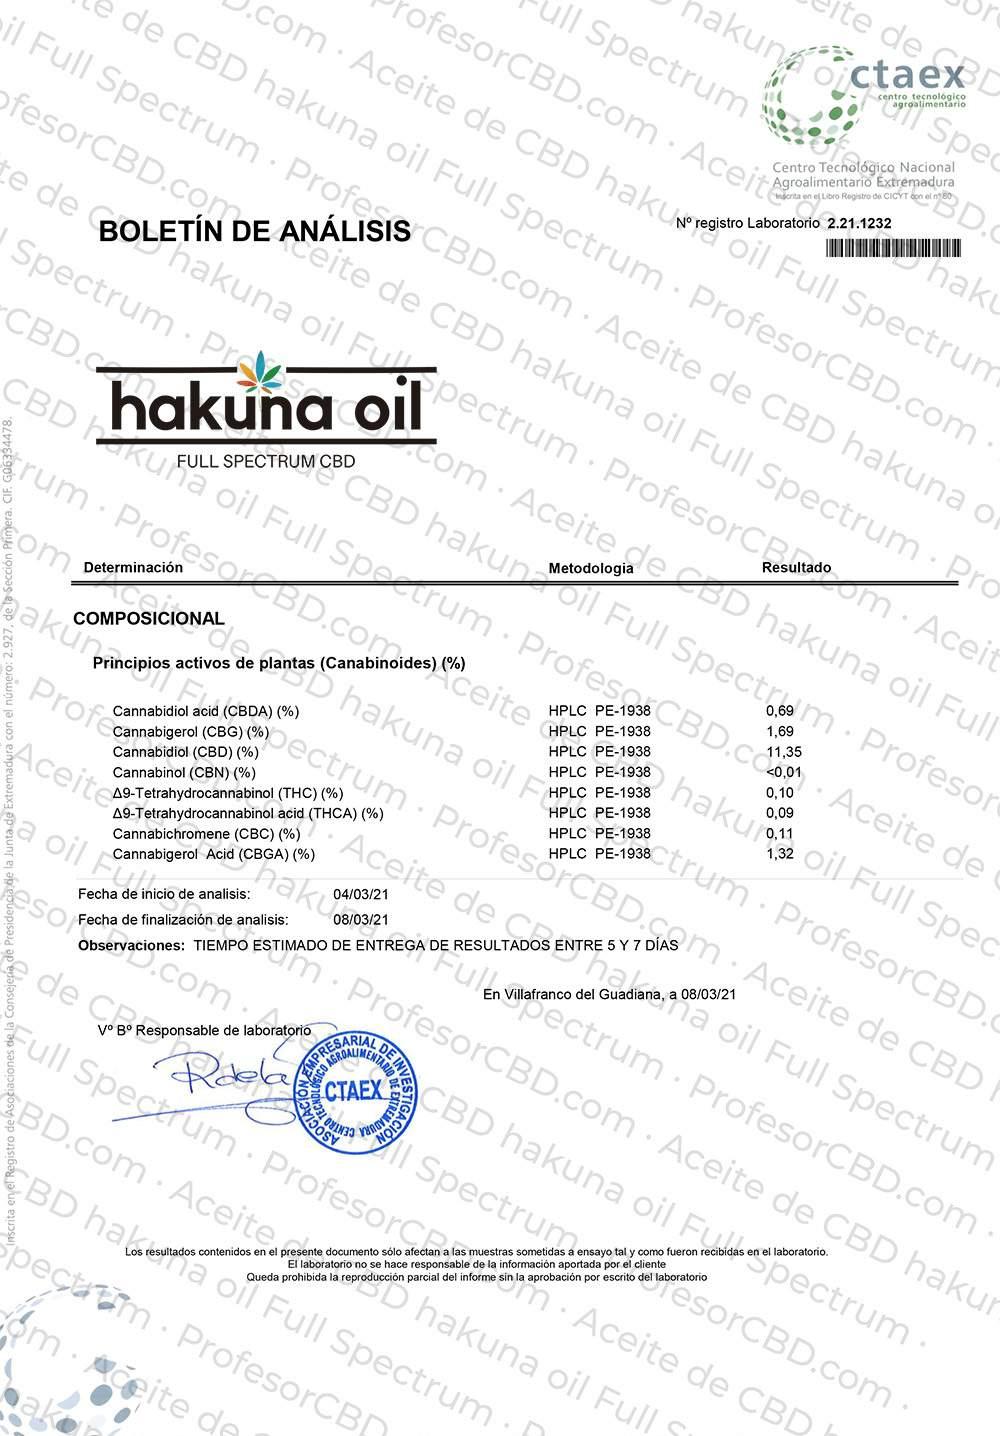 hakuna oil analítca cbd 1000mg 10%